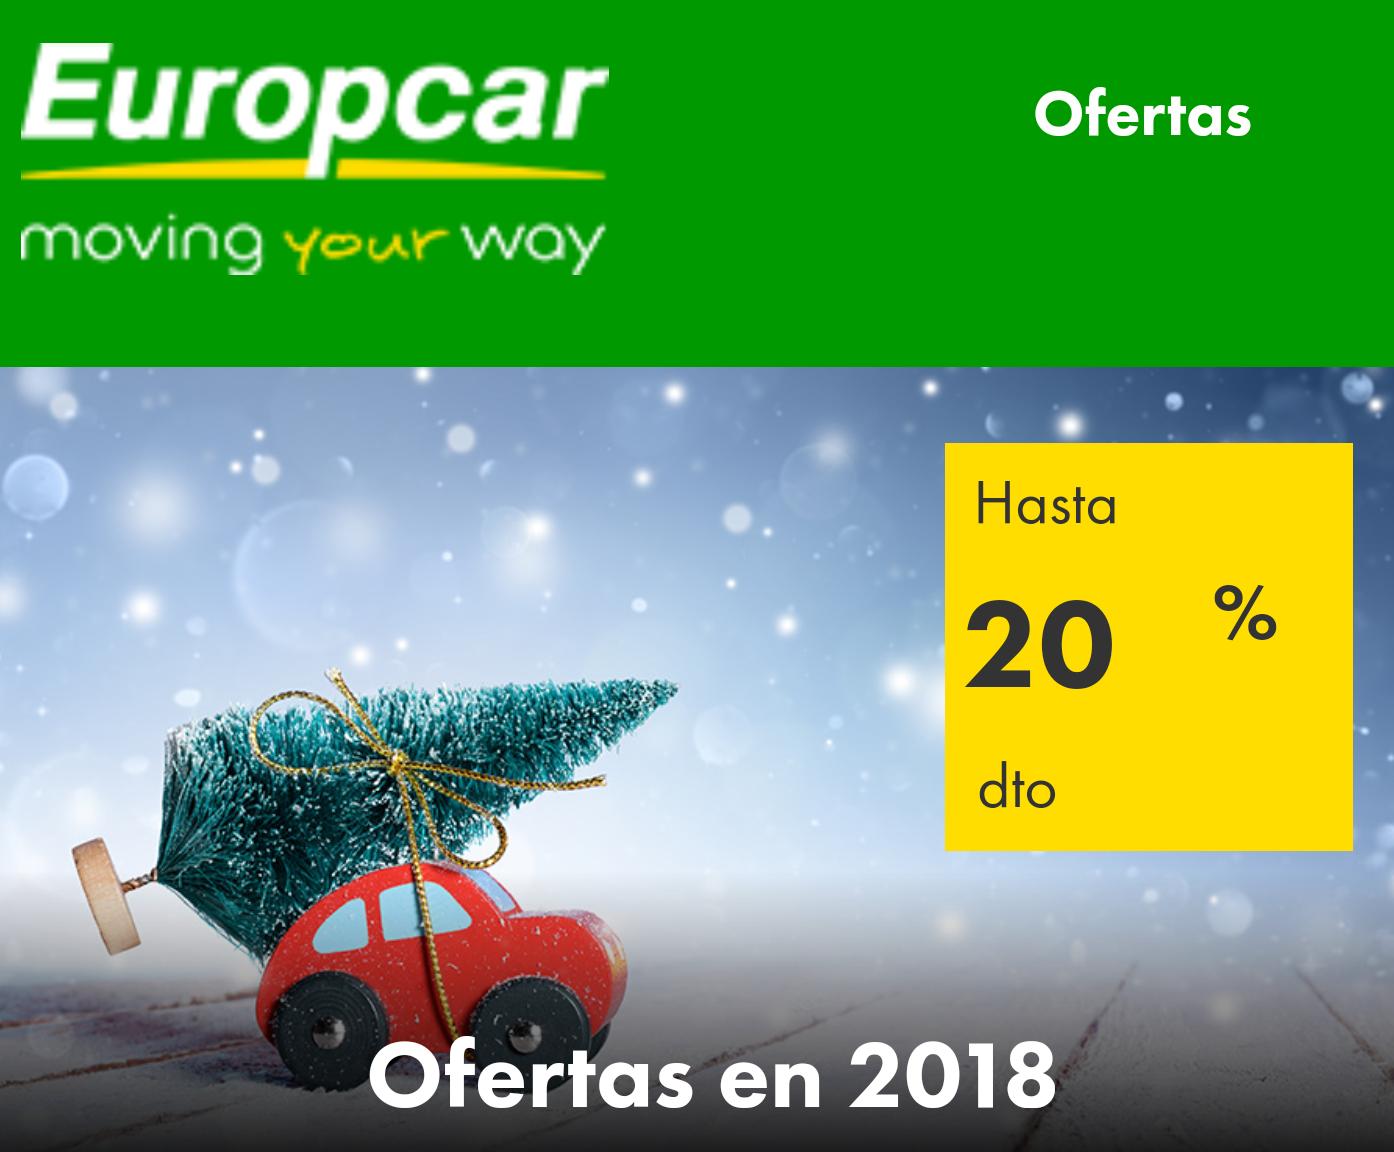 Europcar: 20% Dto. para reservas antes del 31-01. Recogidas 31-03.